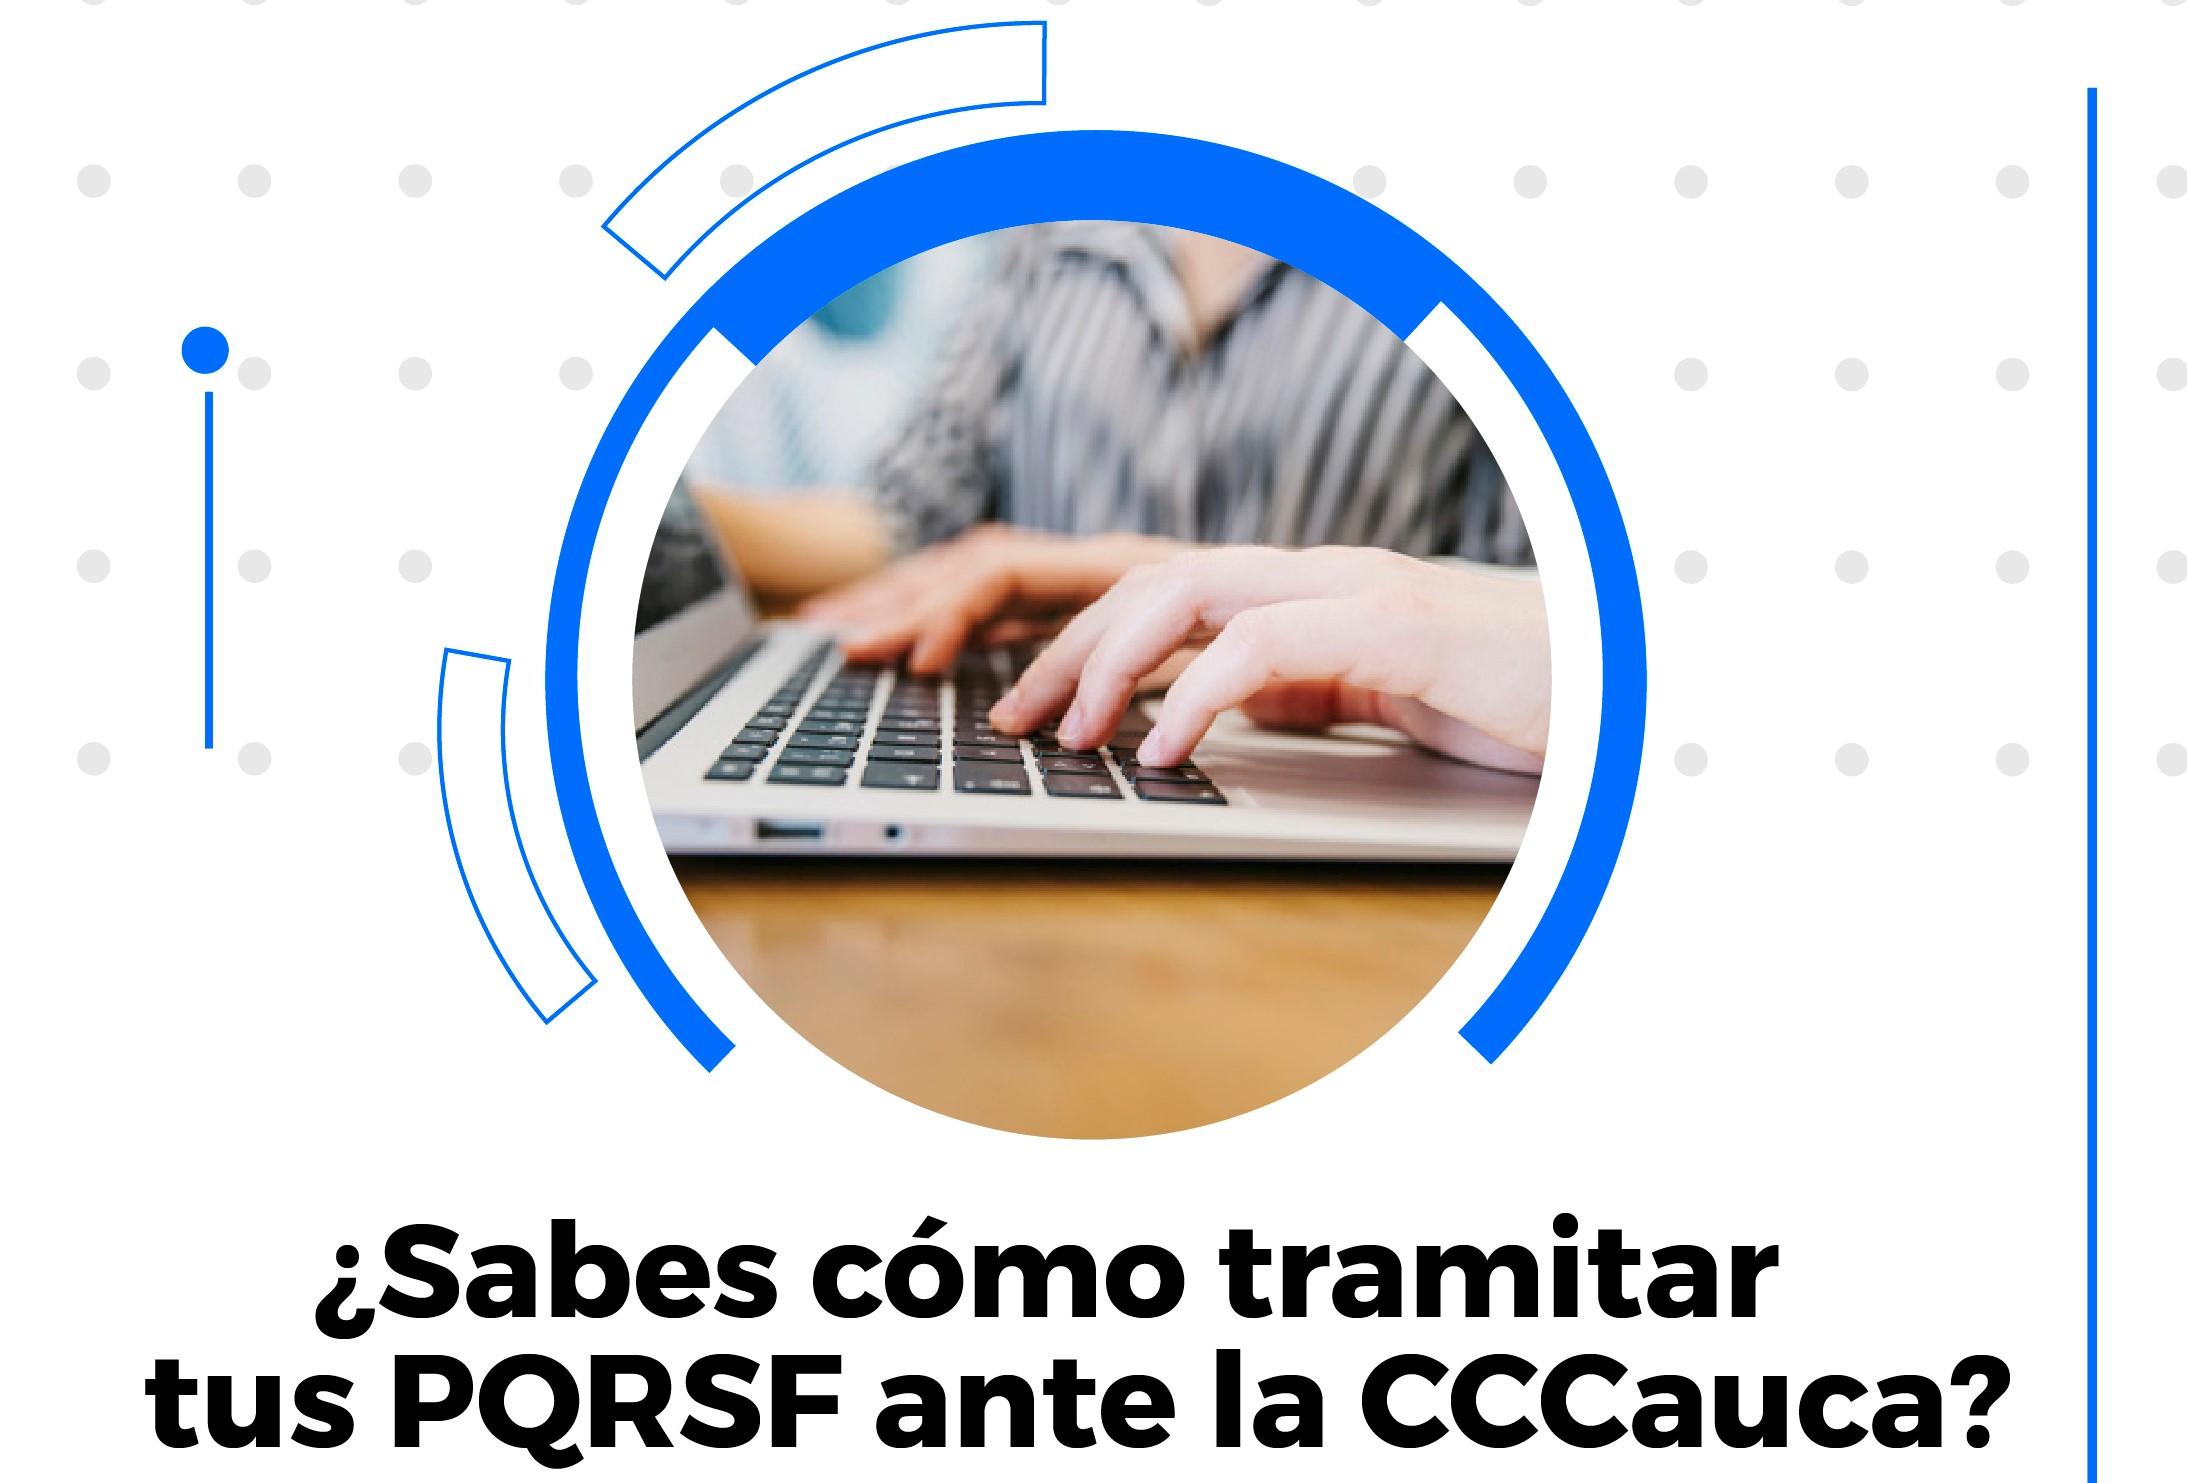 ¿Sabes cómo tramitar tus PQRS ante la CCCauca?